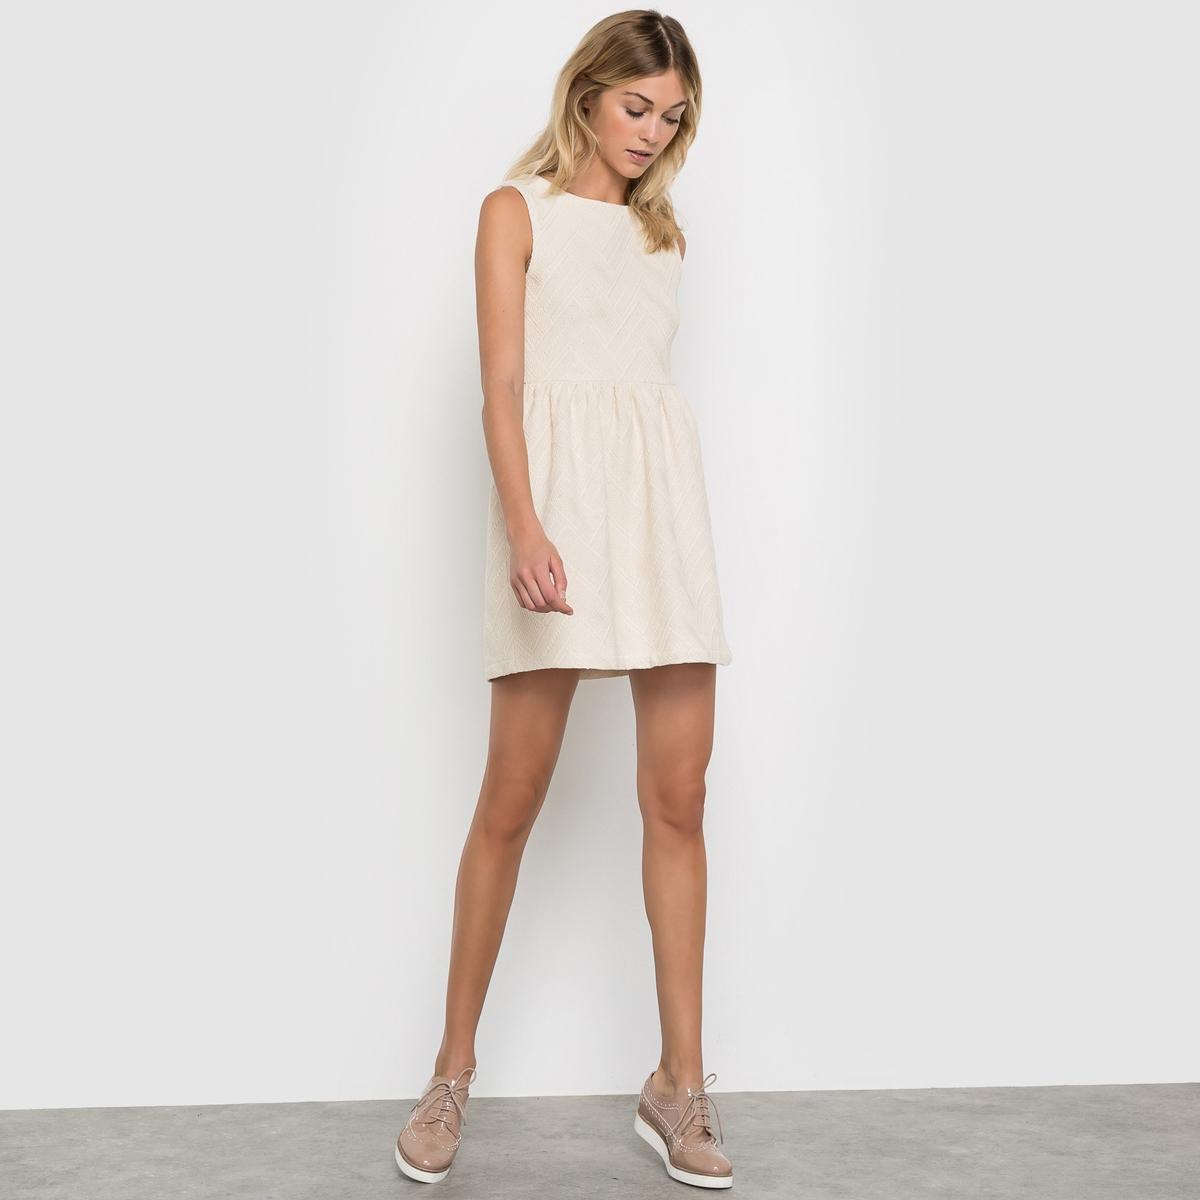 Платье без рукавов COMPANIA FANTASTICA, Micaela DressПлатье без рукавов Micaela Dress от COMPANIA FANTASTICA . Однотонное приталенное платье с небольшими сборками на поясе . Молния сзади. Круглый вырез. Состав и описание  :Материал : 100% хлопкаМарка : COMPANIA FANTASTICAМодель : Micaela Dress<br><br>Цвет: белый